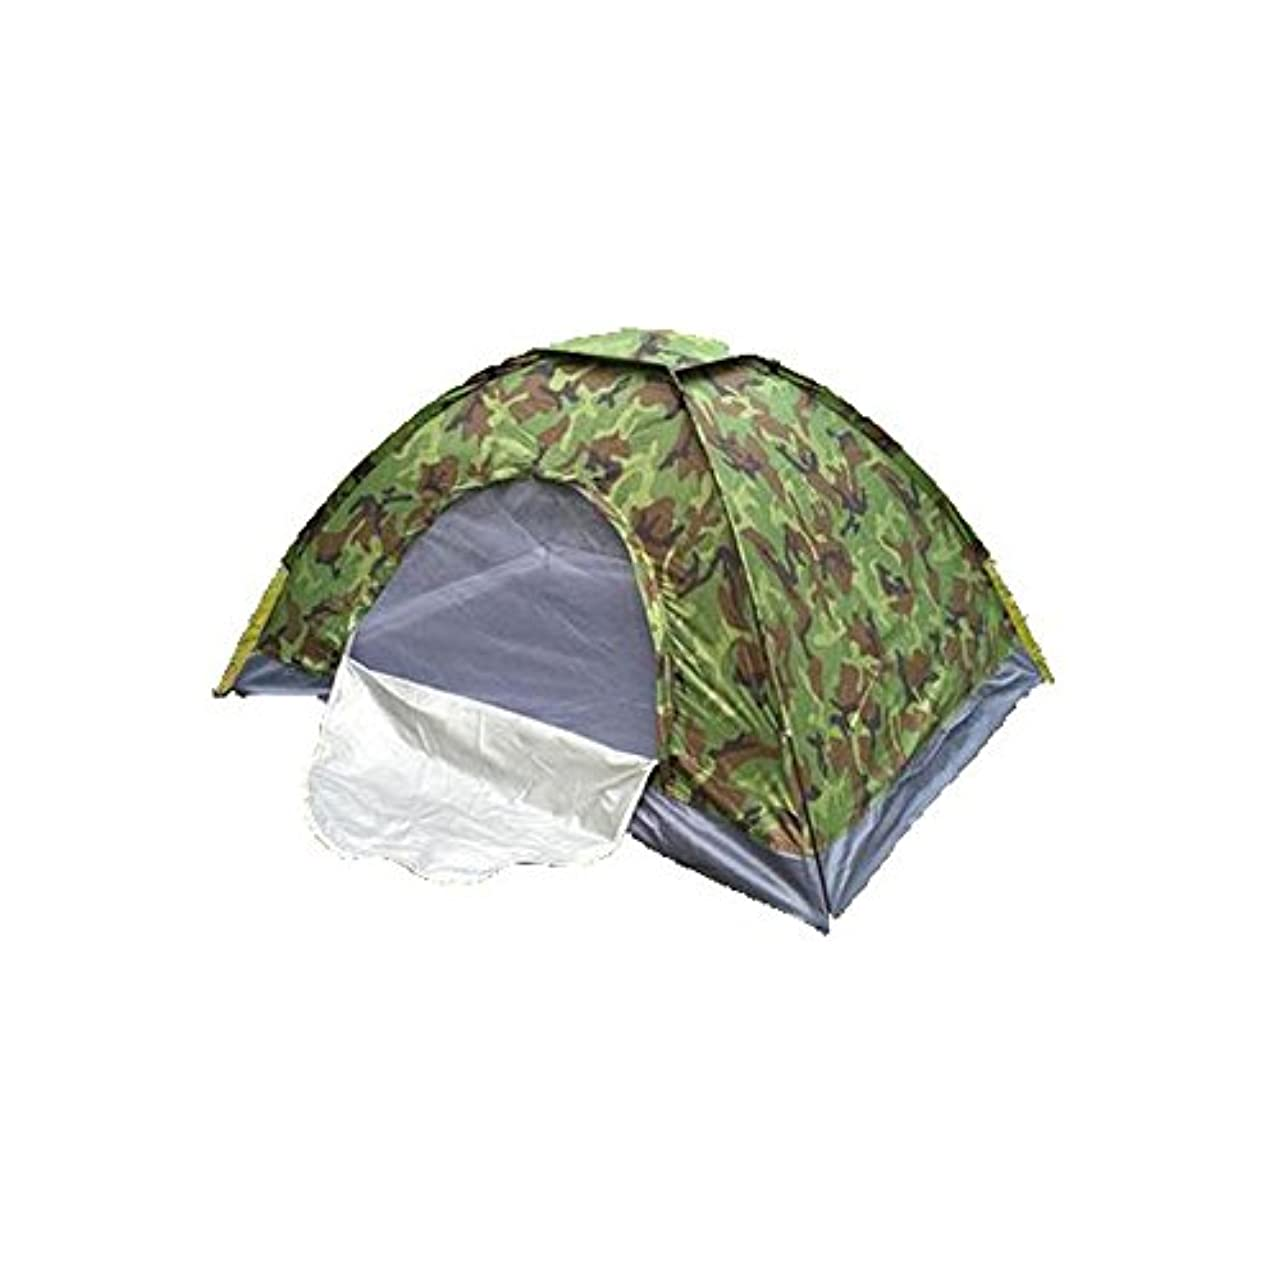 スマートギャップスワップOkiiting 屋外キャンプピクニックテント日焼け防止テントインストールが簡単ポータブルスペース大構造安定性200 * 150 * 110センチ うまく設計された